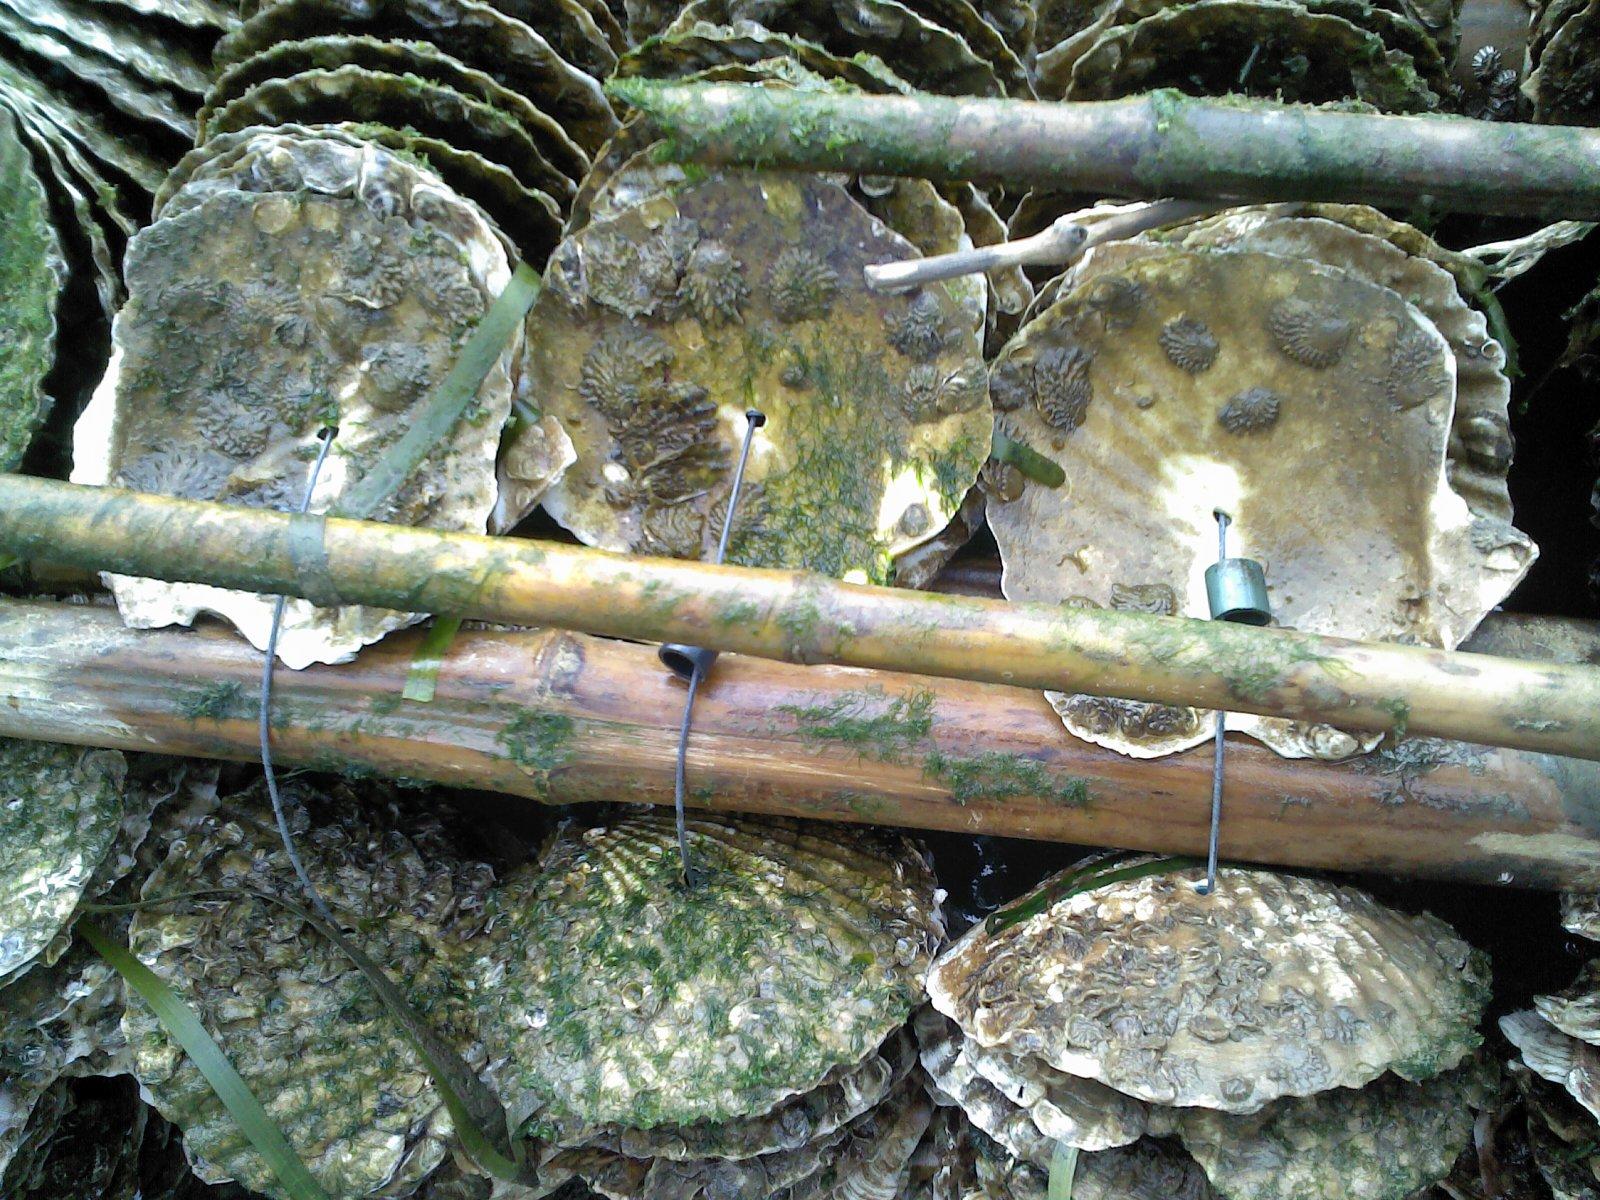 種ガキとは稚貝のこと。こんな感じでホタテの貝殻に付着させる